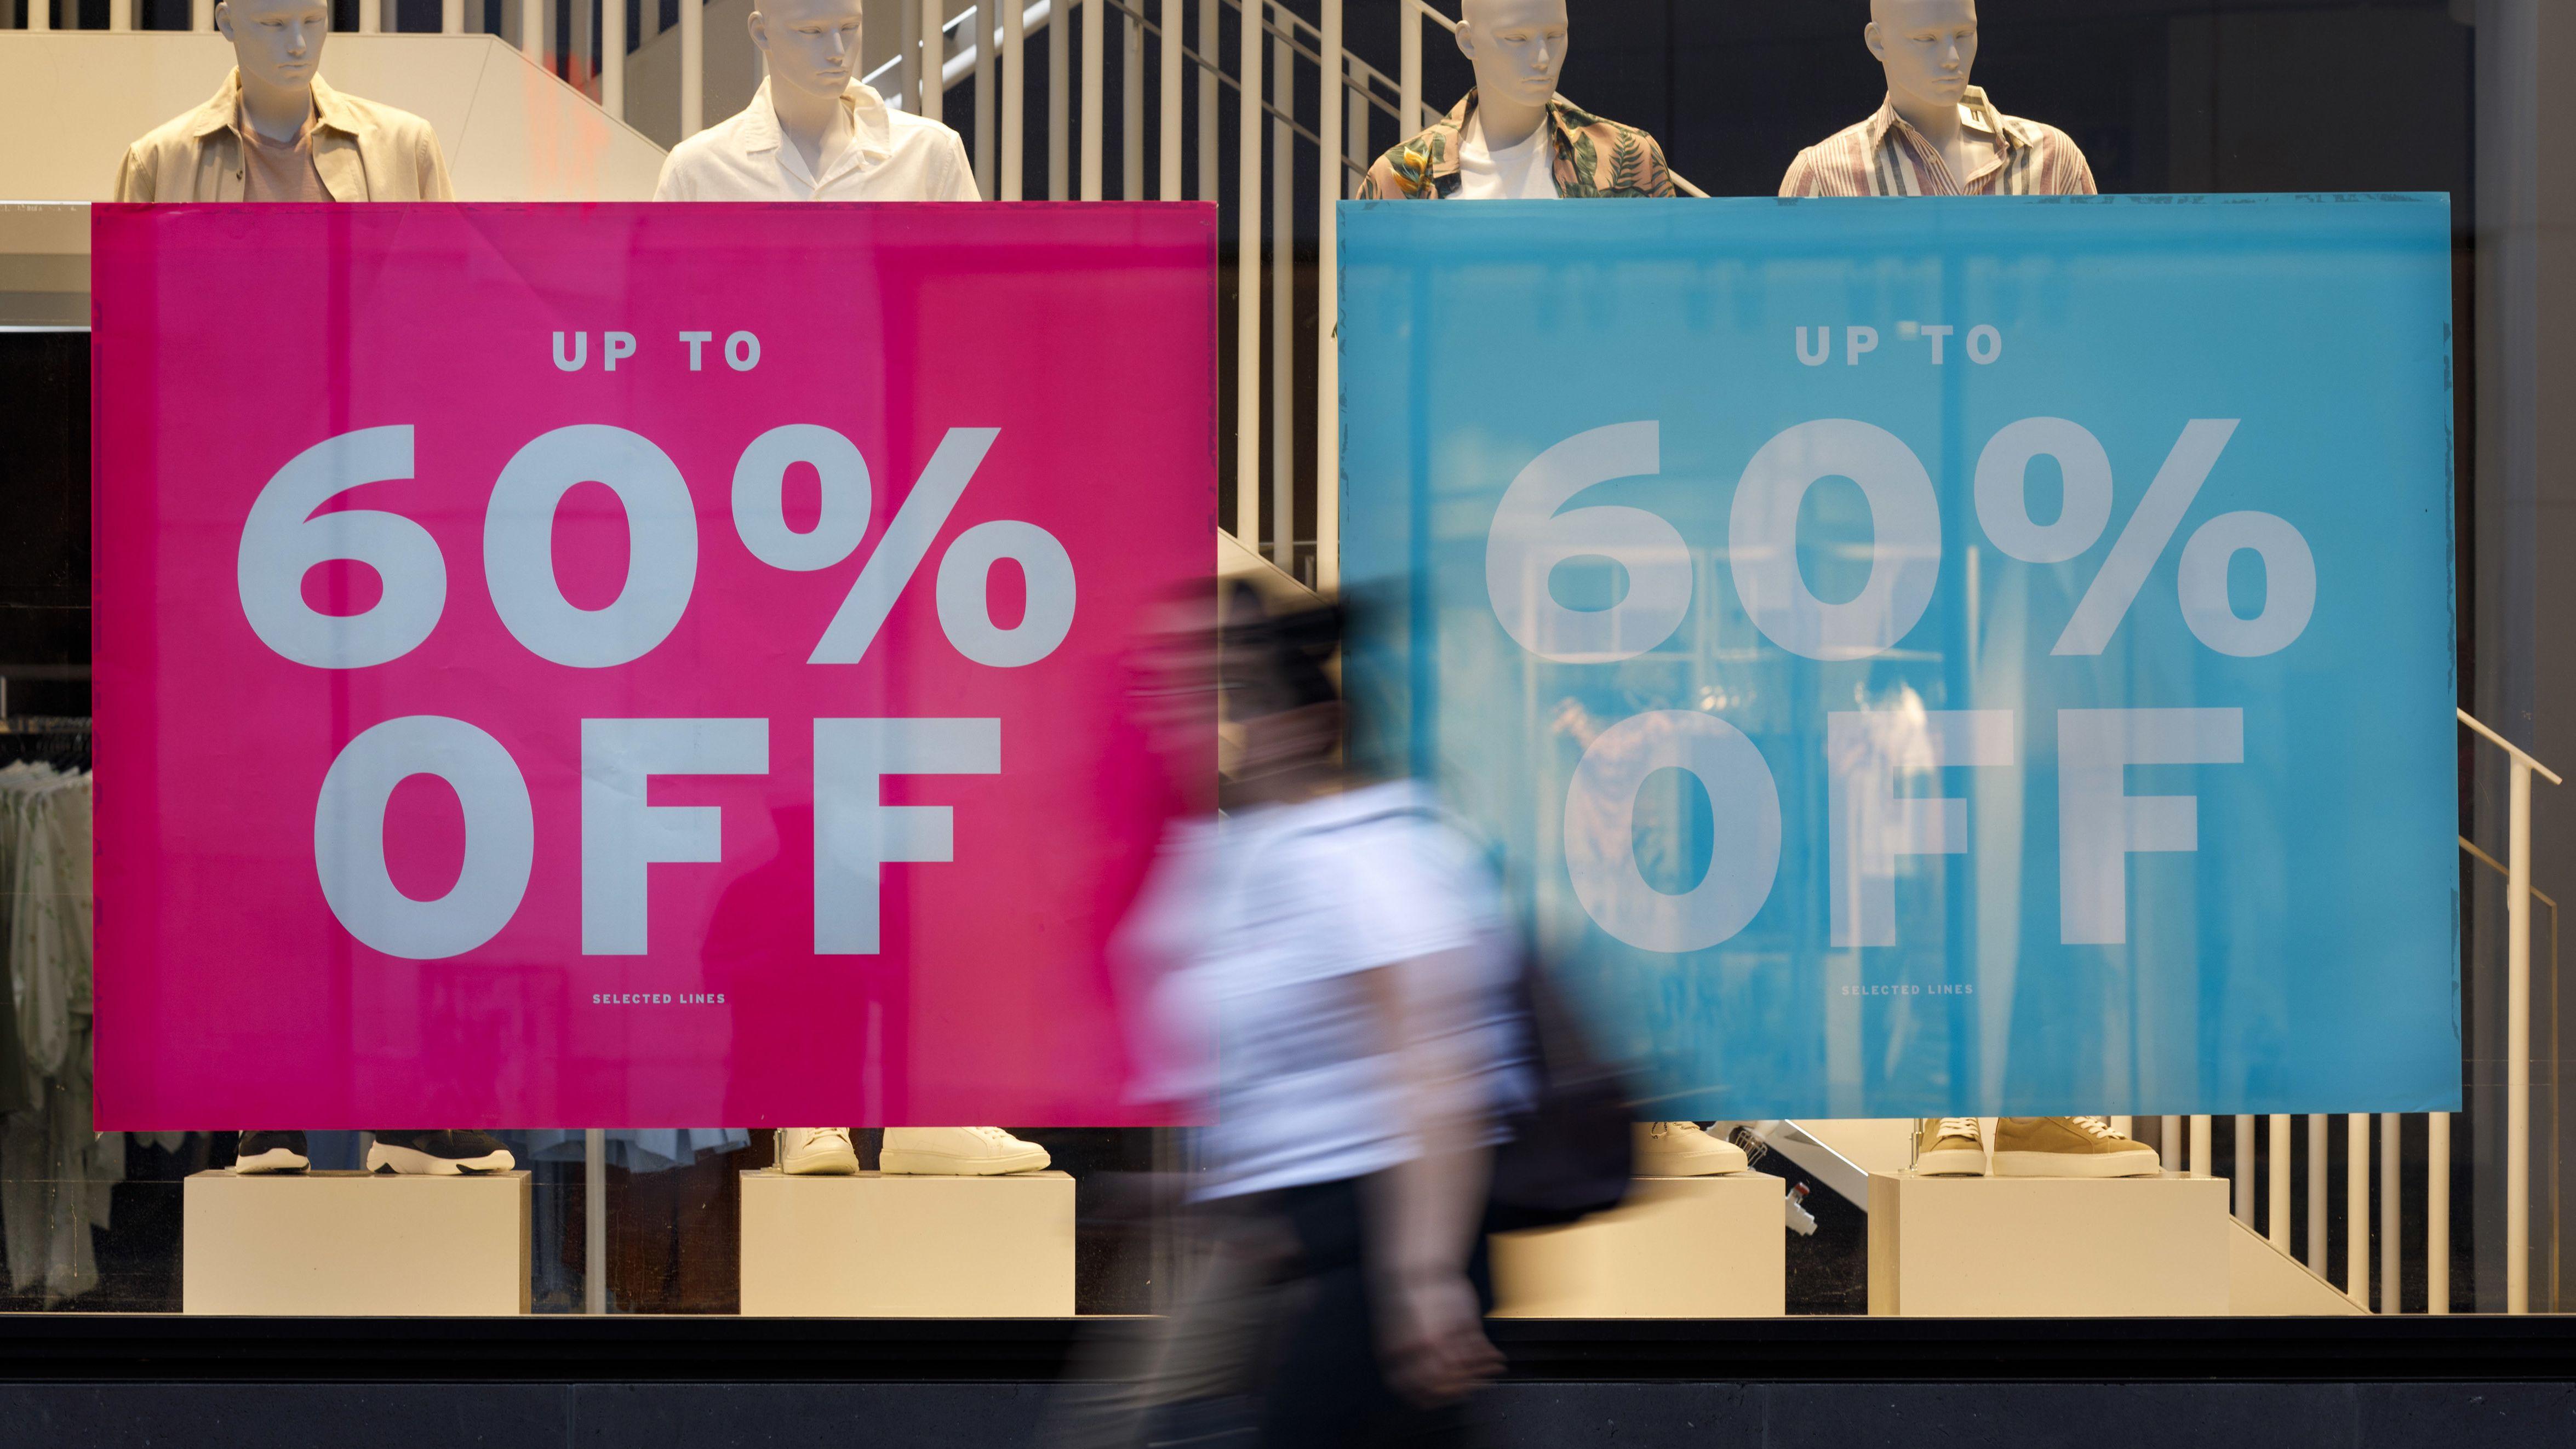 Werbeplakate machen auf Rabattaktionen an einem Kaufhaus aufmerksam